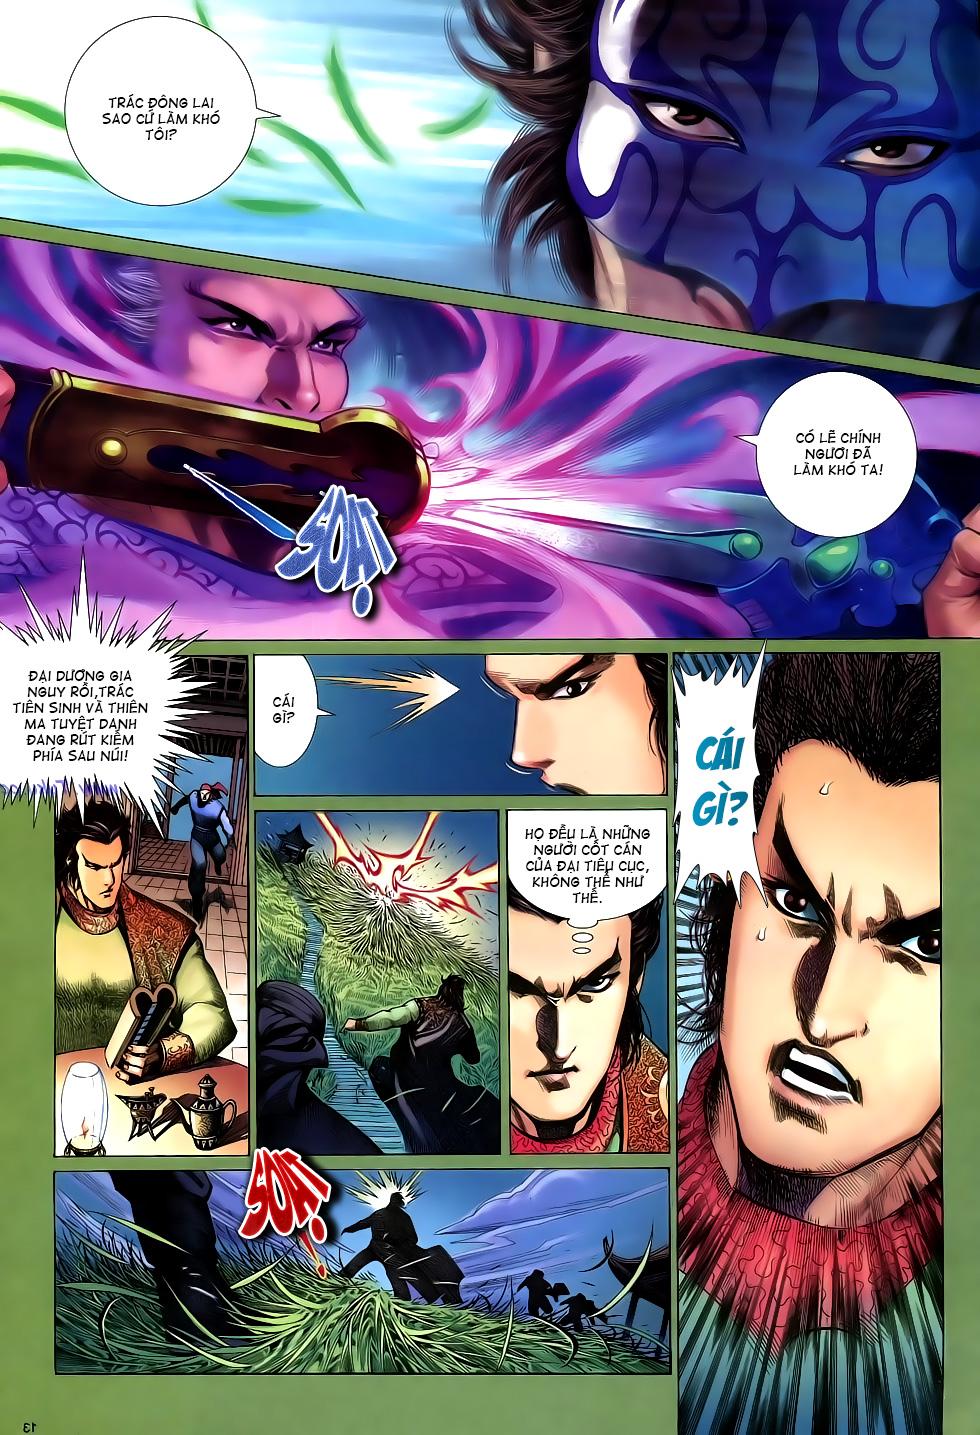 Anh hùng vô lệ Chap 16: Kiếm túy sư cuồng bất lưu đấu  trang 14